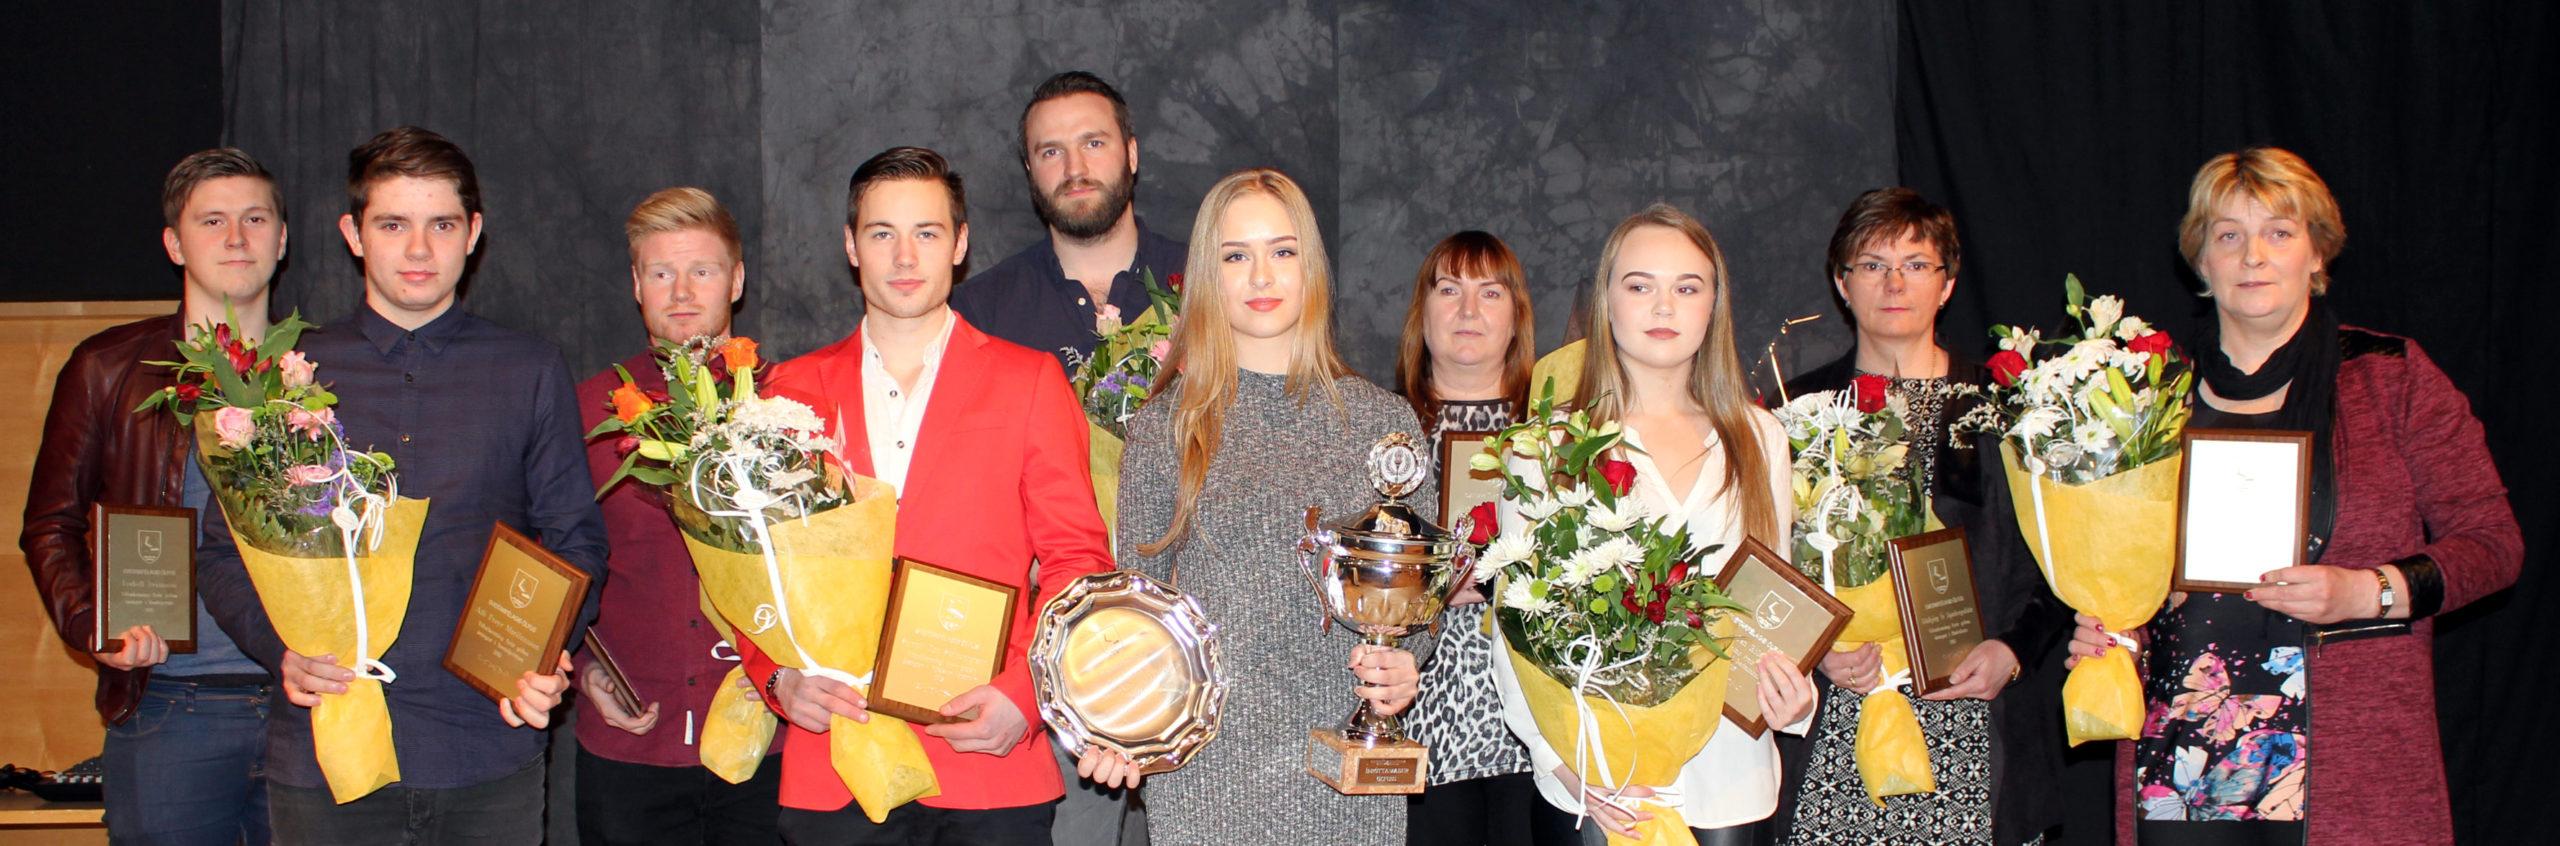 Gyða Dögg íþróttamaður Ölfuss 2015